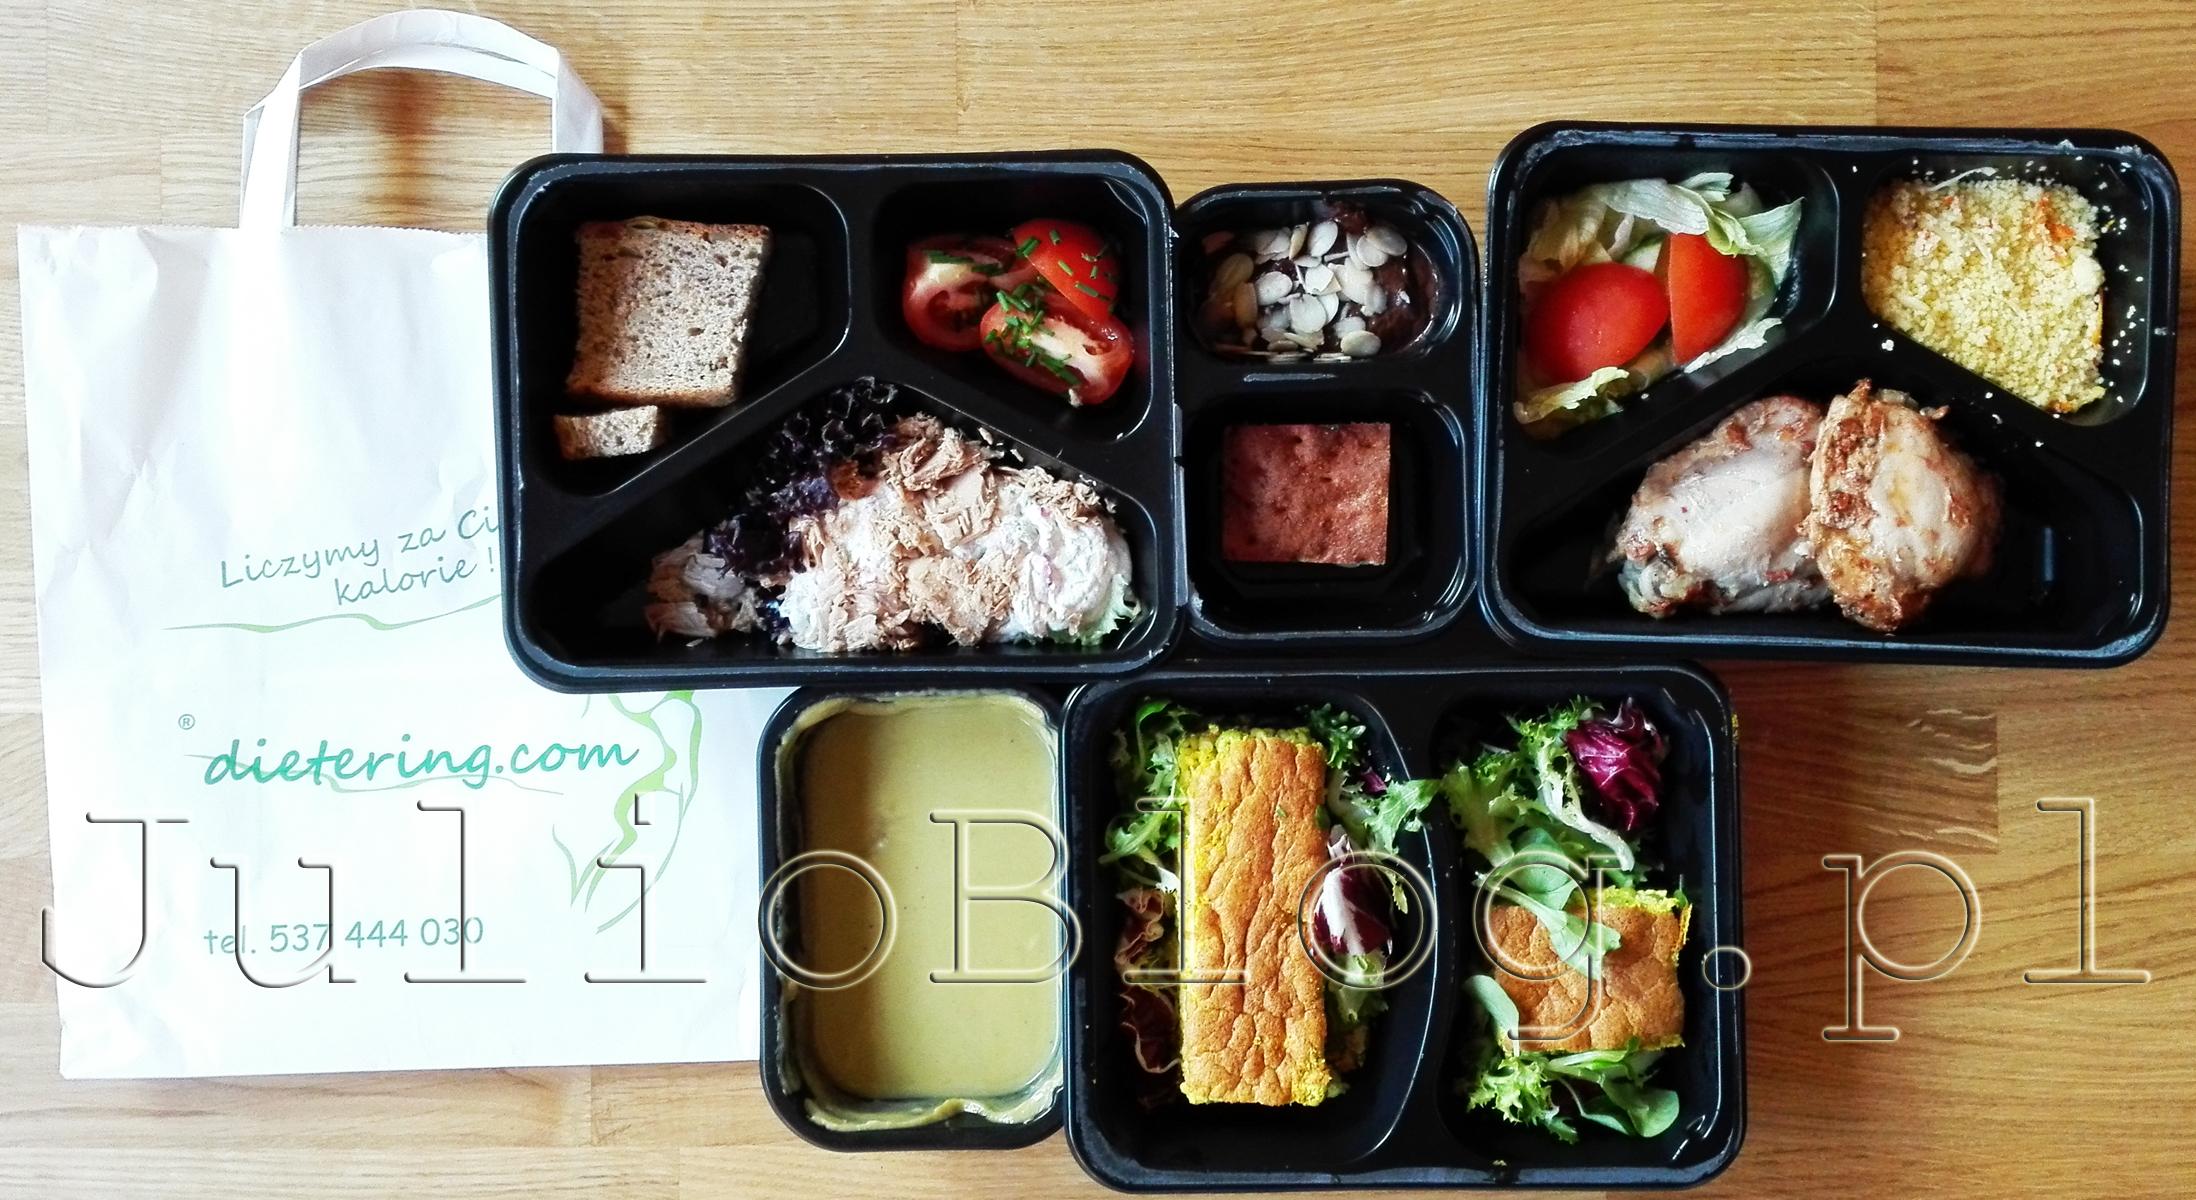 Catering Dietetyczny Dietering Czy Warto Zamowic Julioblog Pl